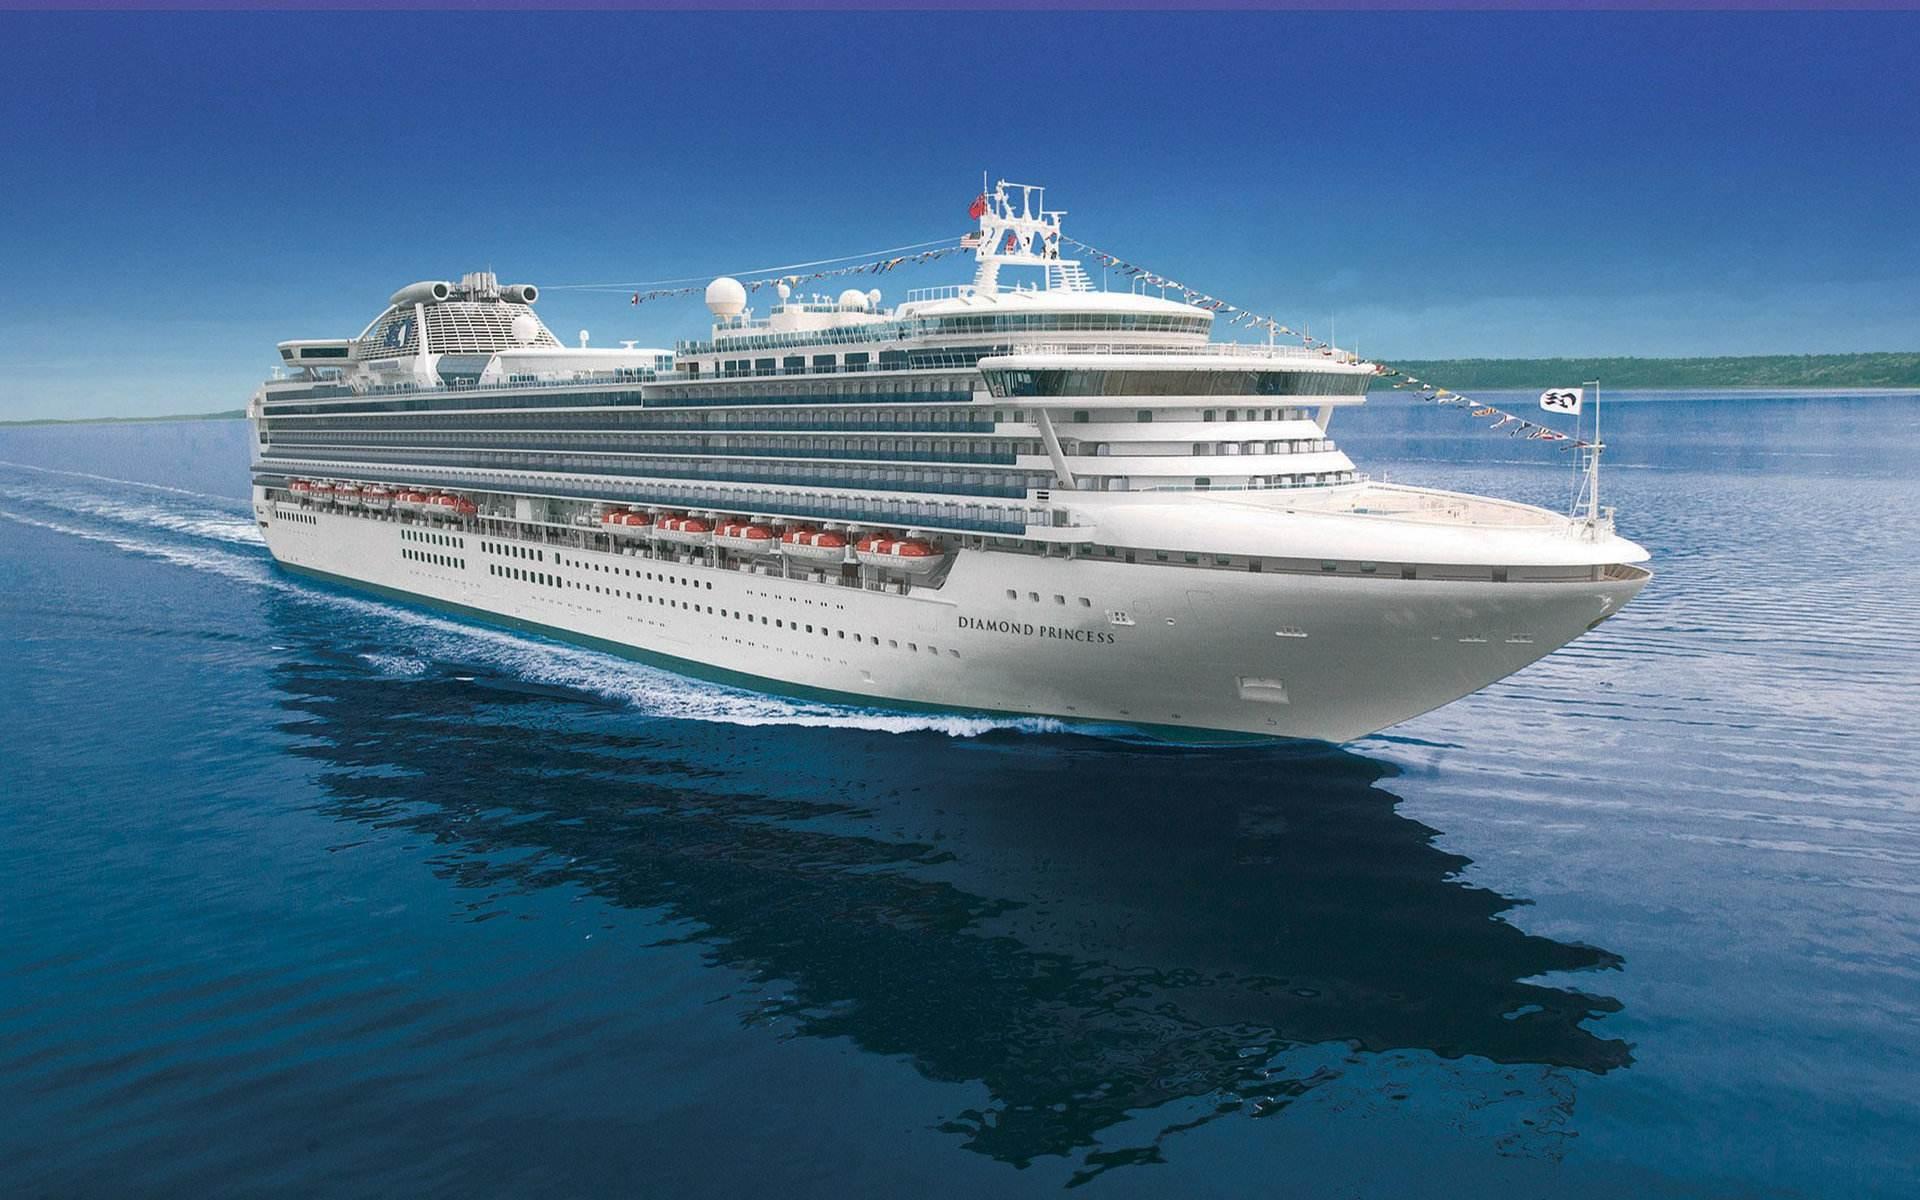 国企、大型知名航运企业船员及豪华邮轮招聘